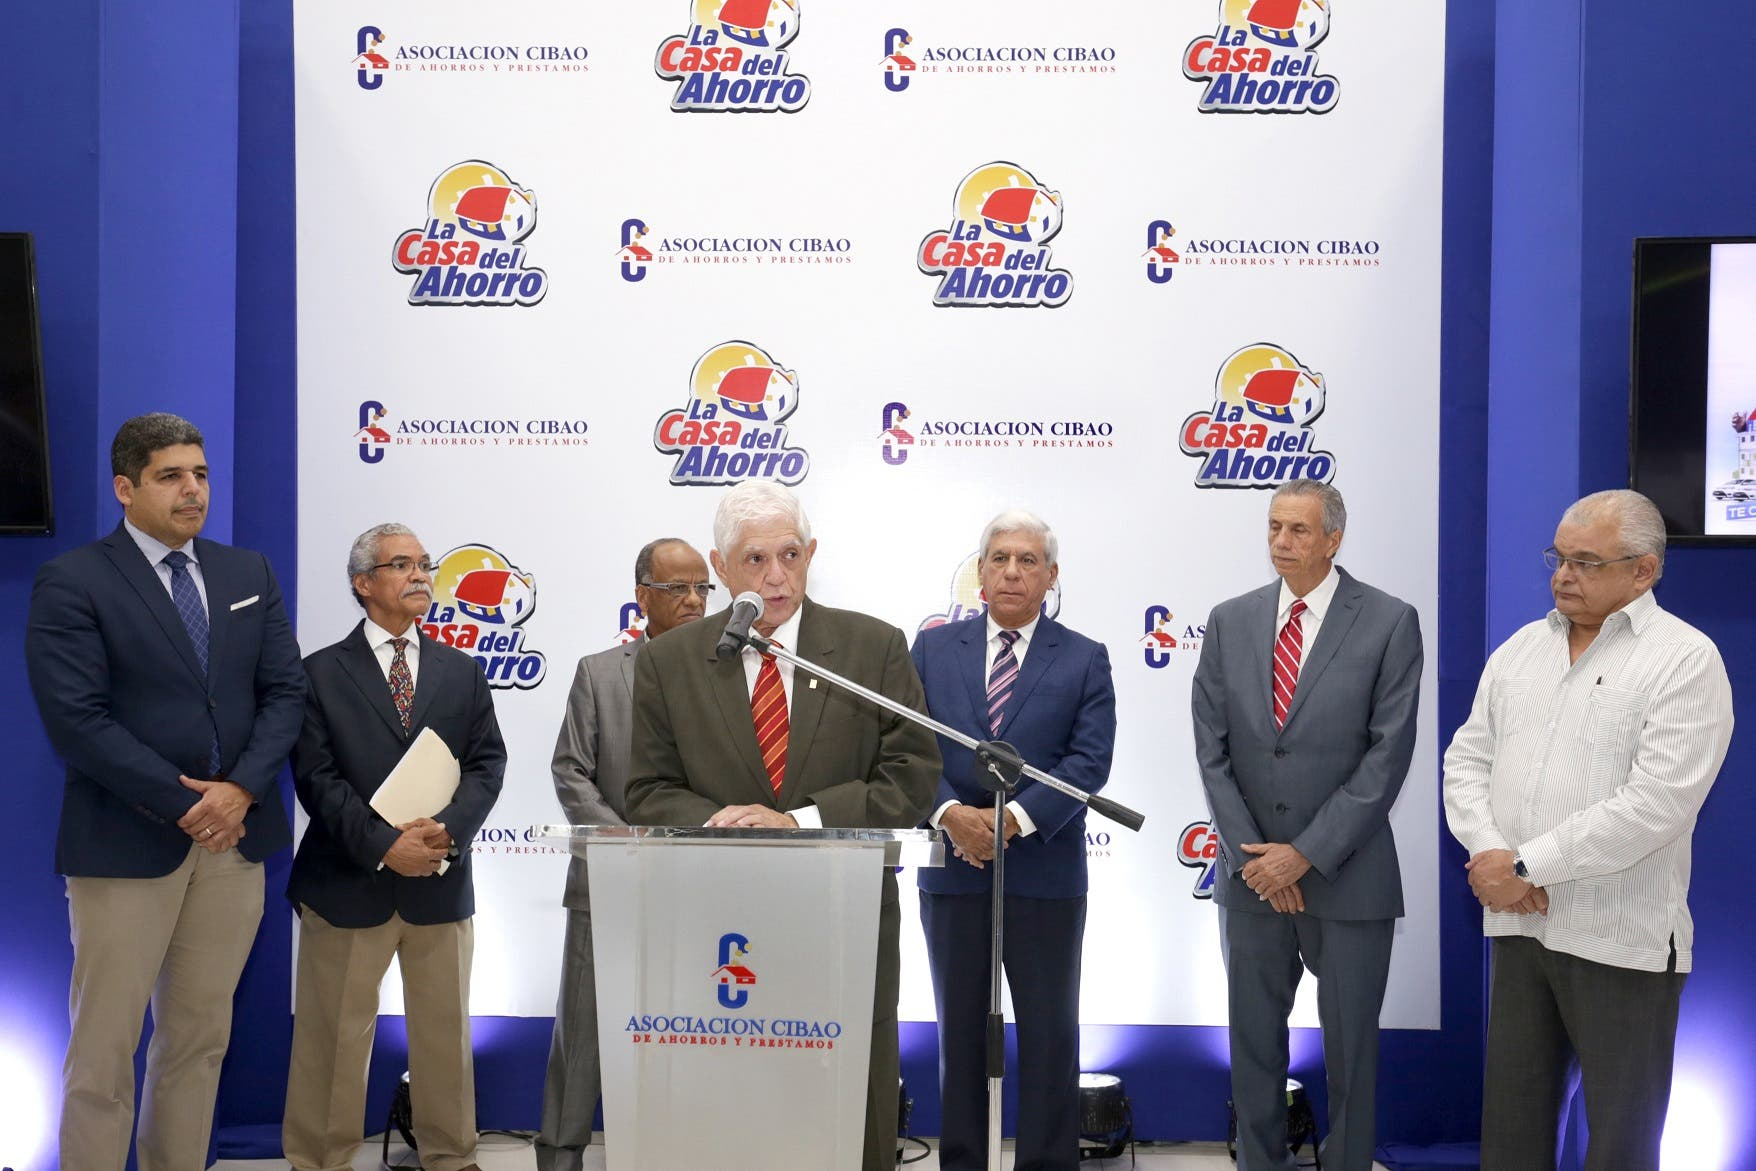 Licenciado José Santiago Reinoso, presidente de la Junta de Directores de ACAP